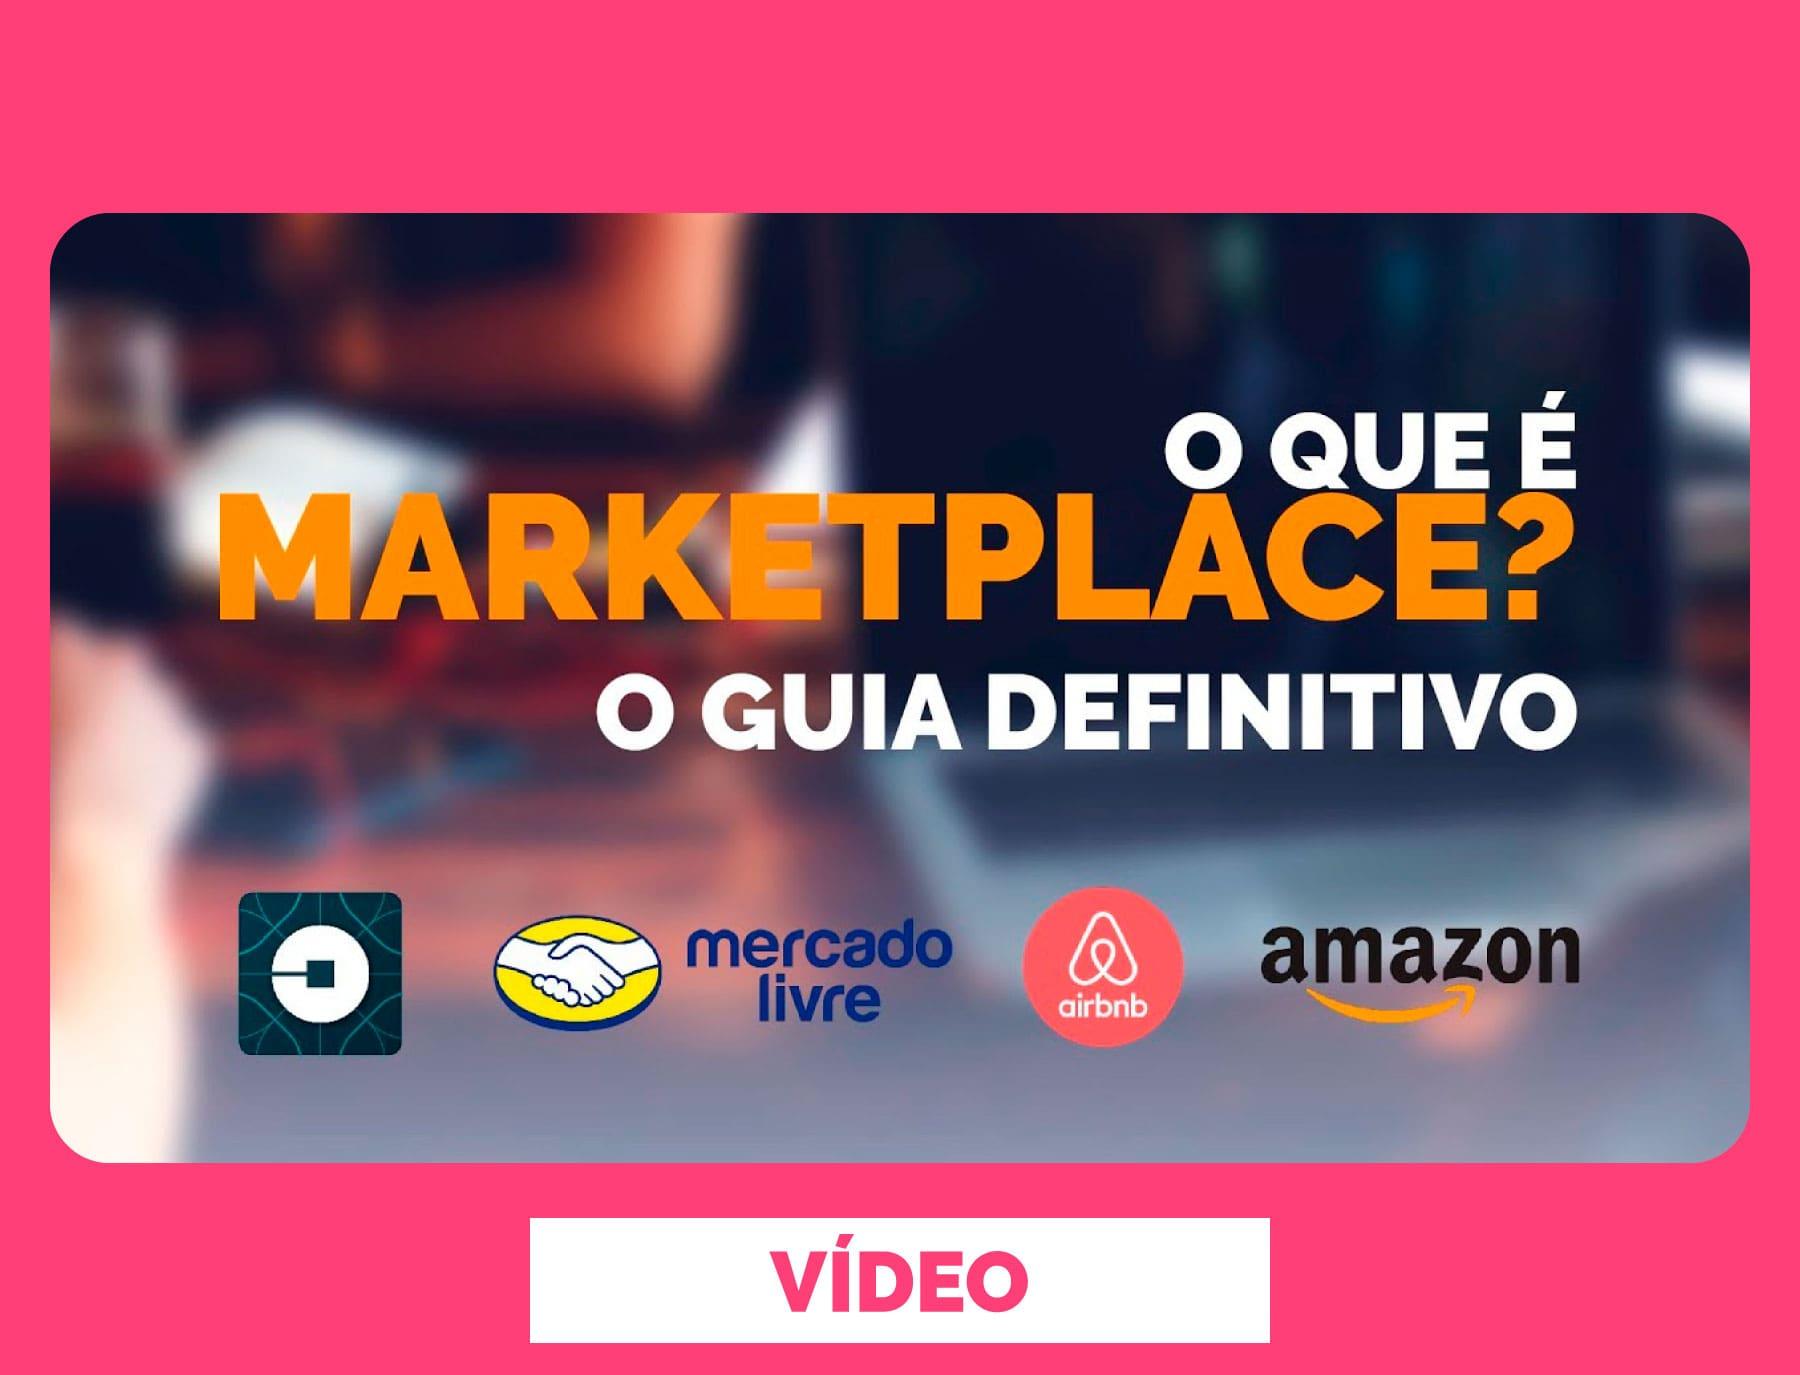 o-que-e-marketplace